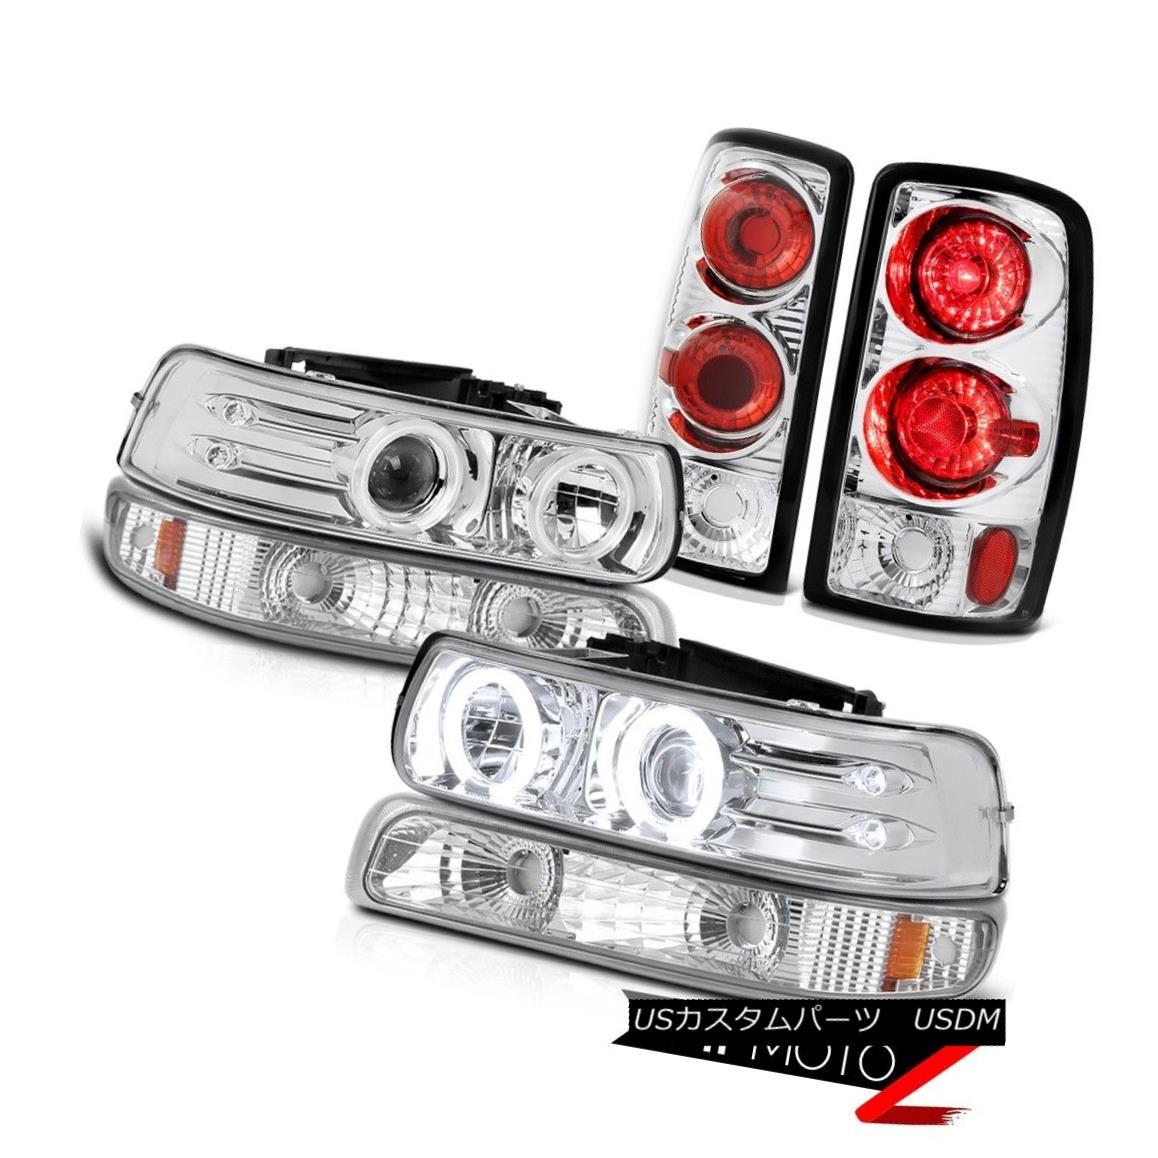 テールライト [BRIGHTEST] Angel Eye Headlights Euro Signal Chrome Brake Lamp 00-06 Suburban LT [明るい]天使の目のヘッドライトユーロ信号クロームブレーキランプ00-06郊外LT